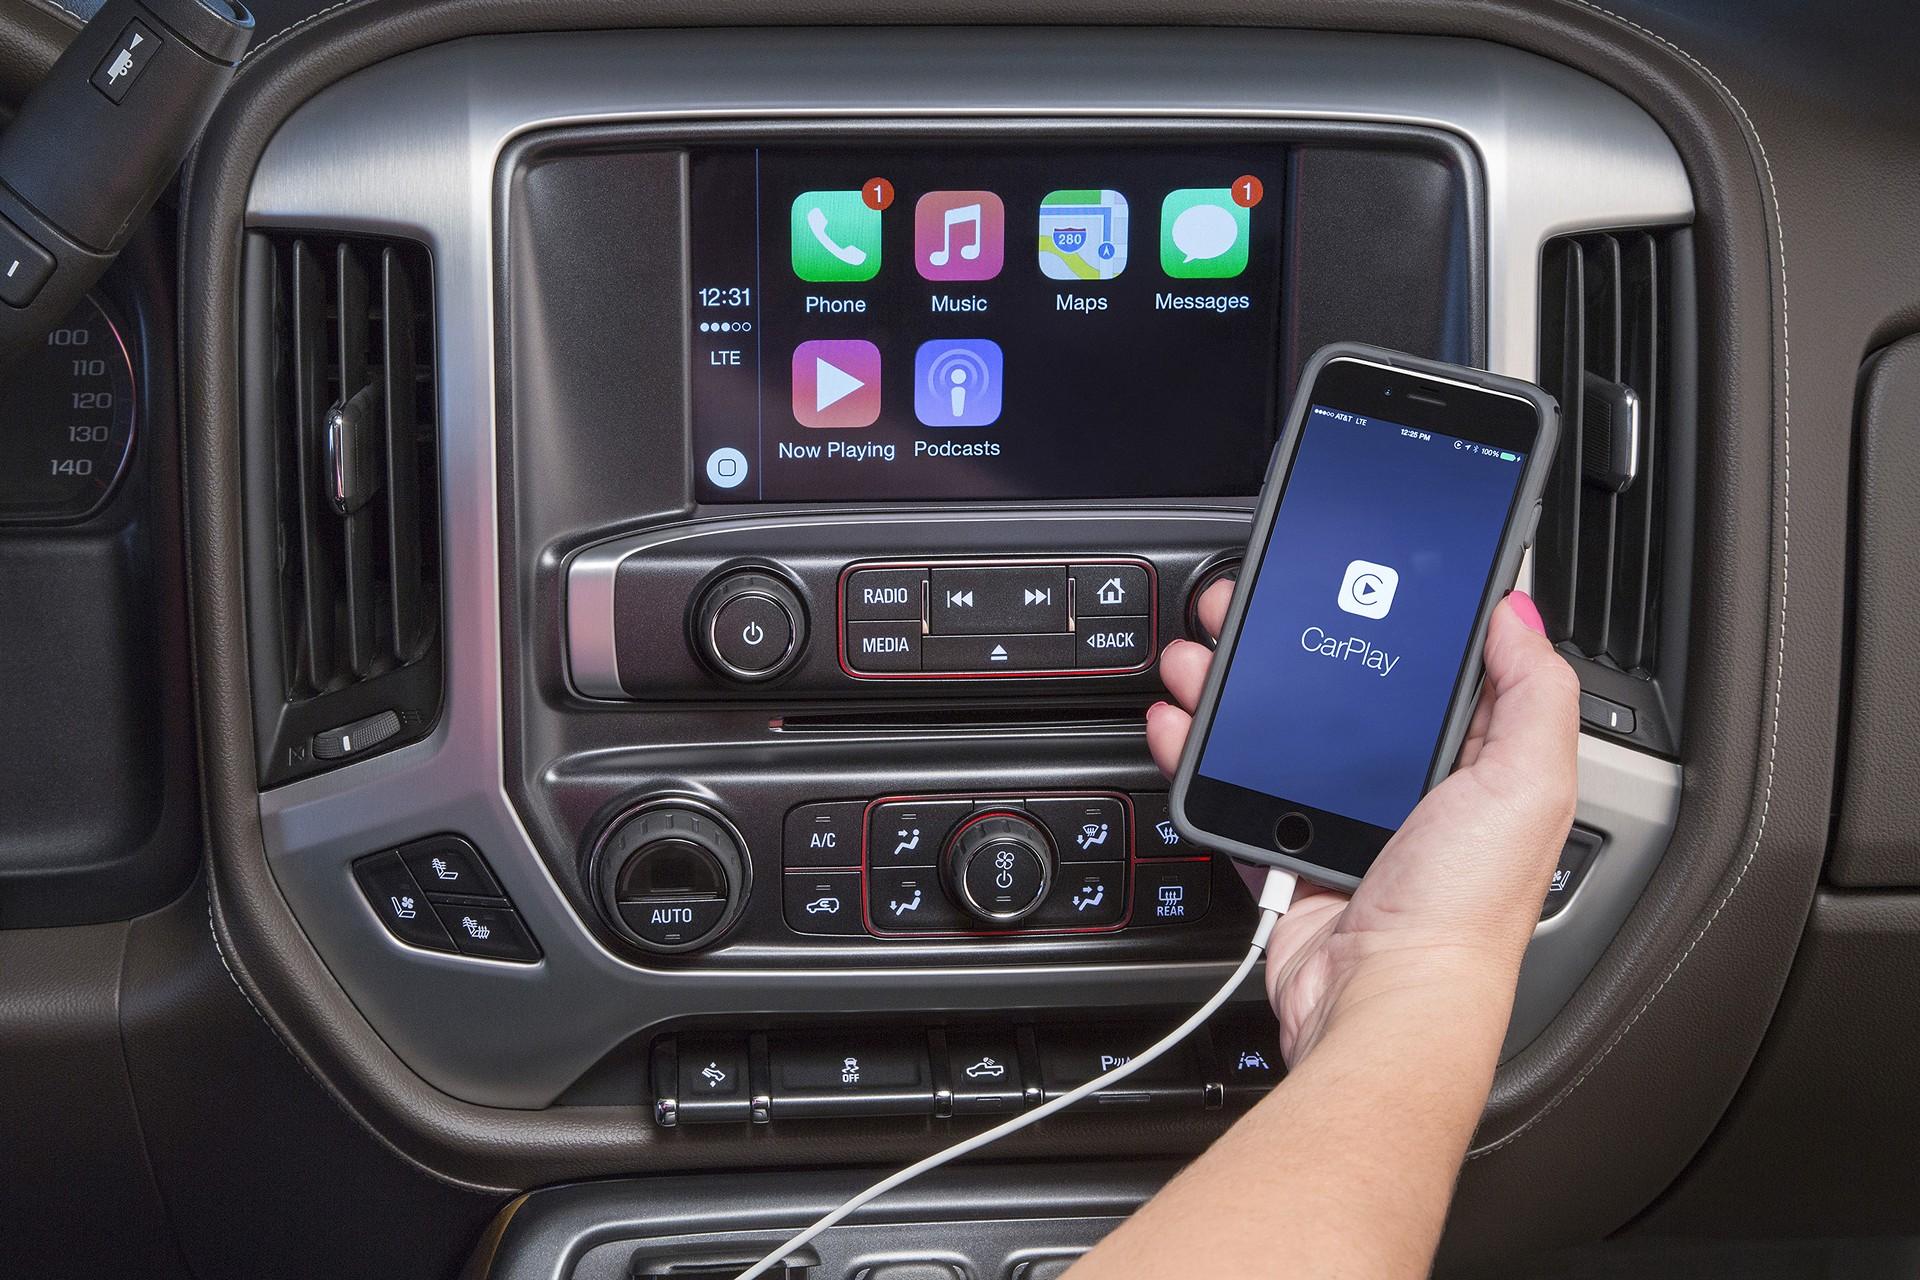 2016 GMC Sierra Apple CarPlay © General Motors